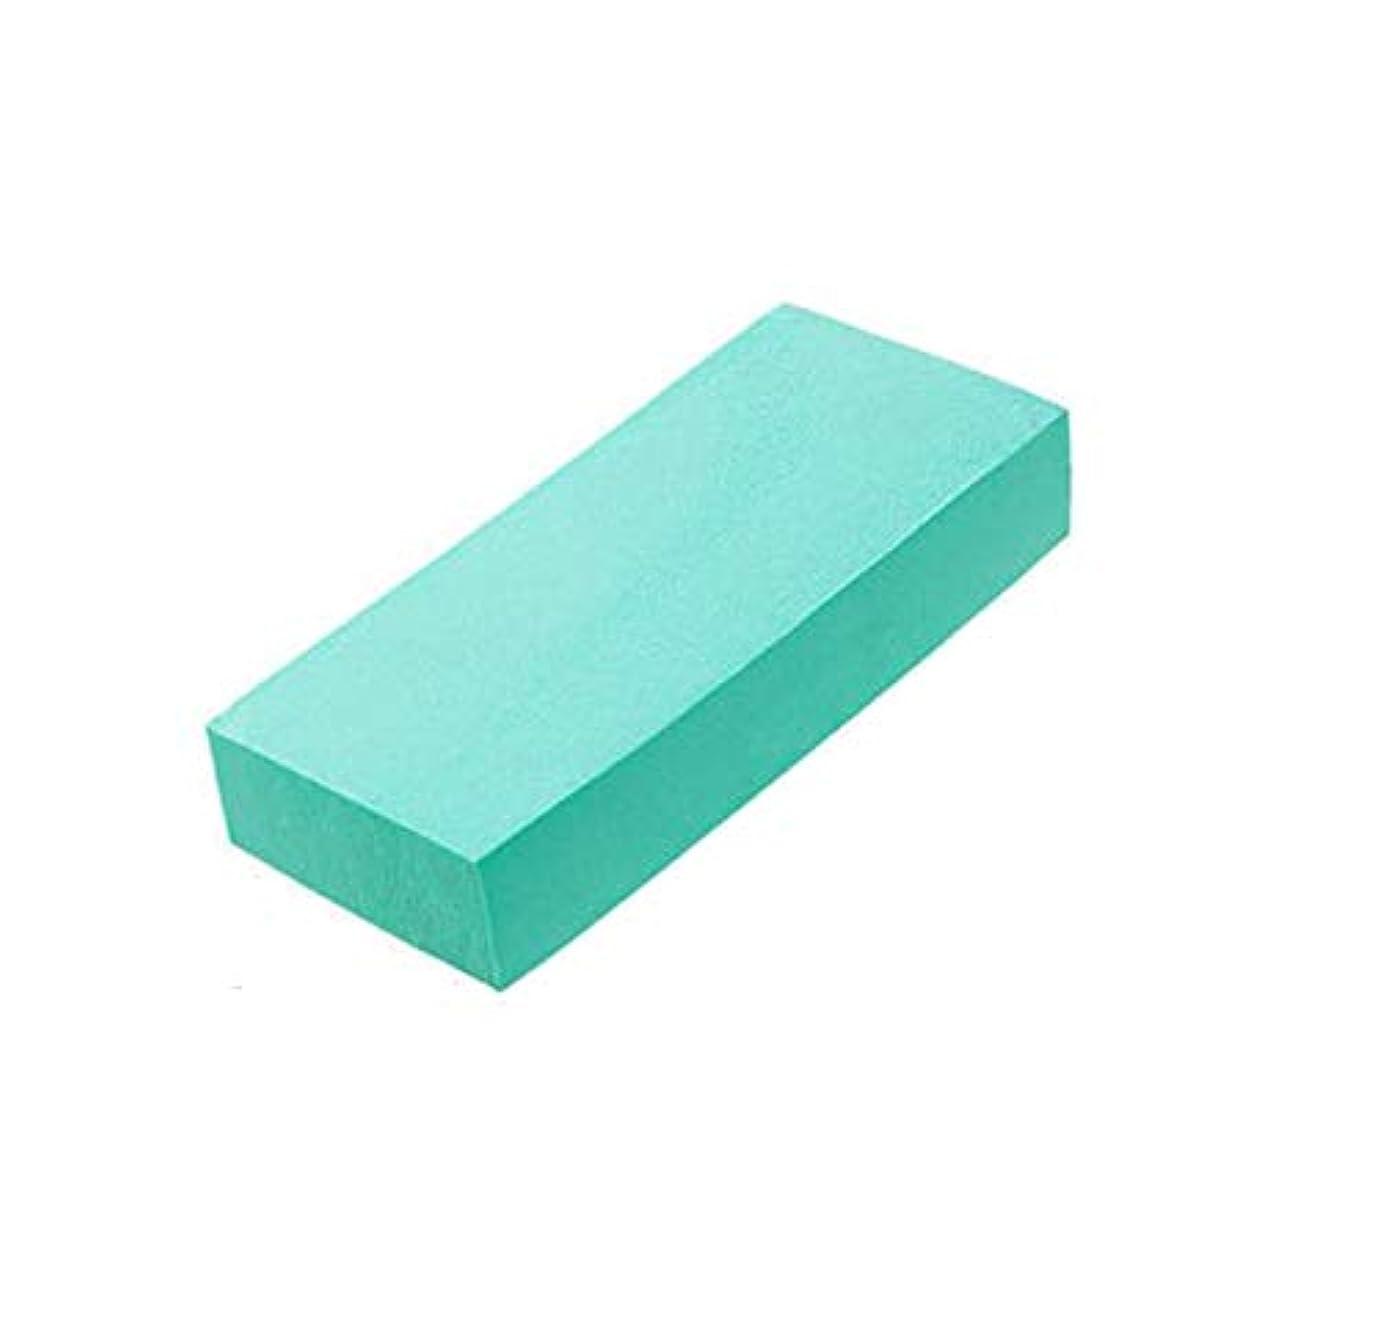 圧縮された粘着性ミントHJ ボディスポンジ やわらか 泡立ち ソフト シャワースポンジ お風呂 背中 業務用 家庭用 綿 バスグッズ (8個セット 色ランダム)